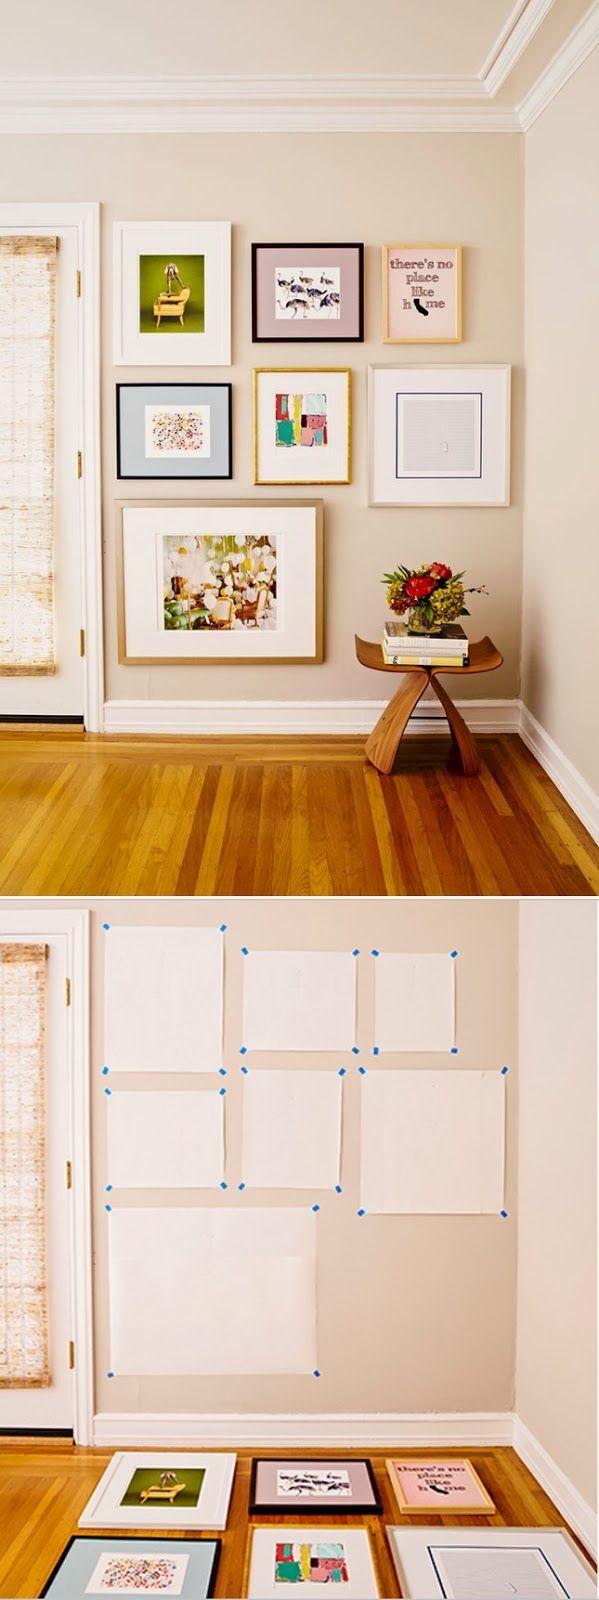 Cómo organizar cuadros para la pared  decoracion